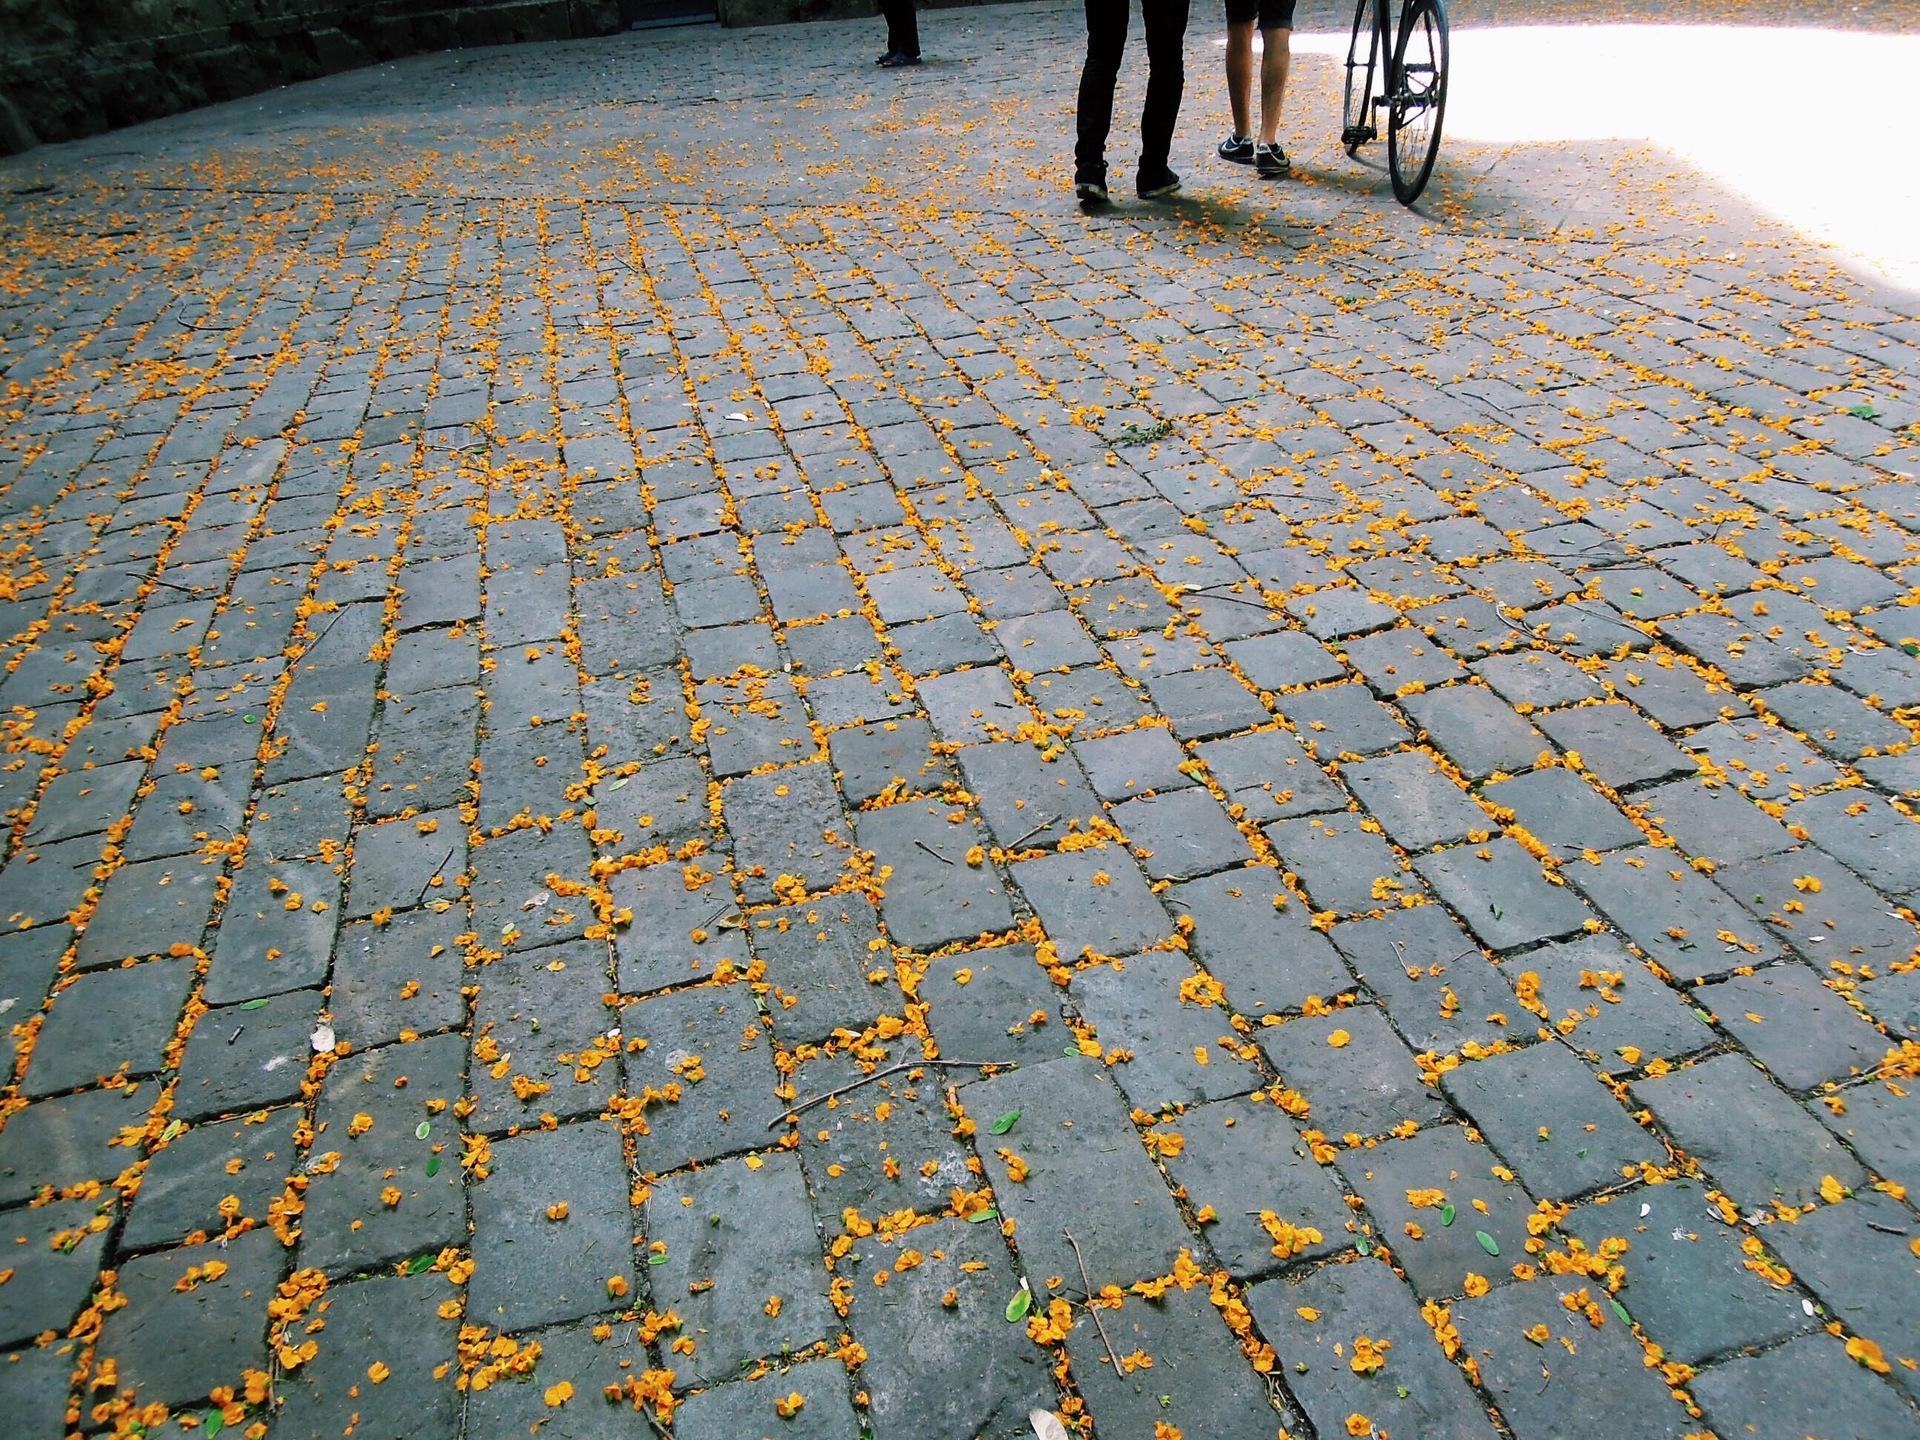 Go for a walk | gato.gordi, background, cobblestone, floor